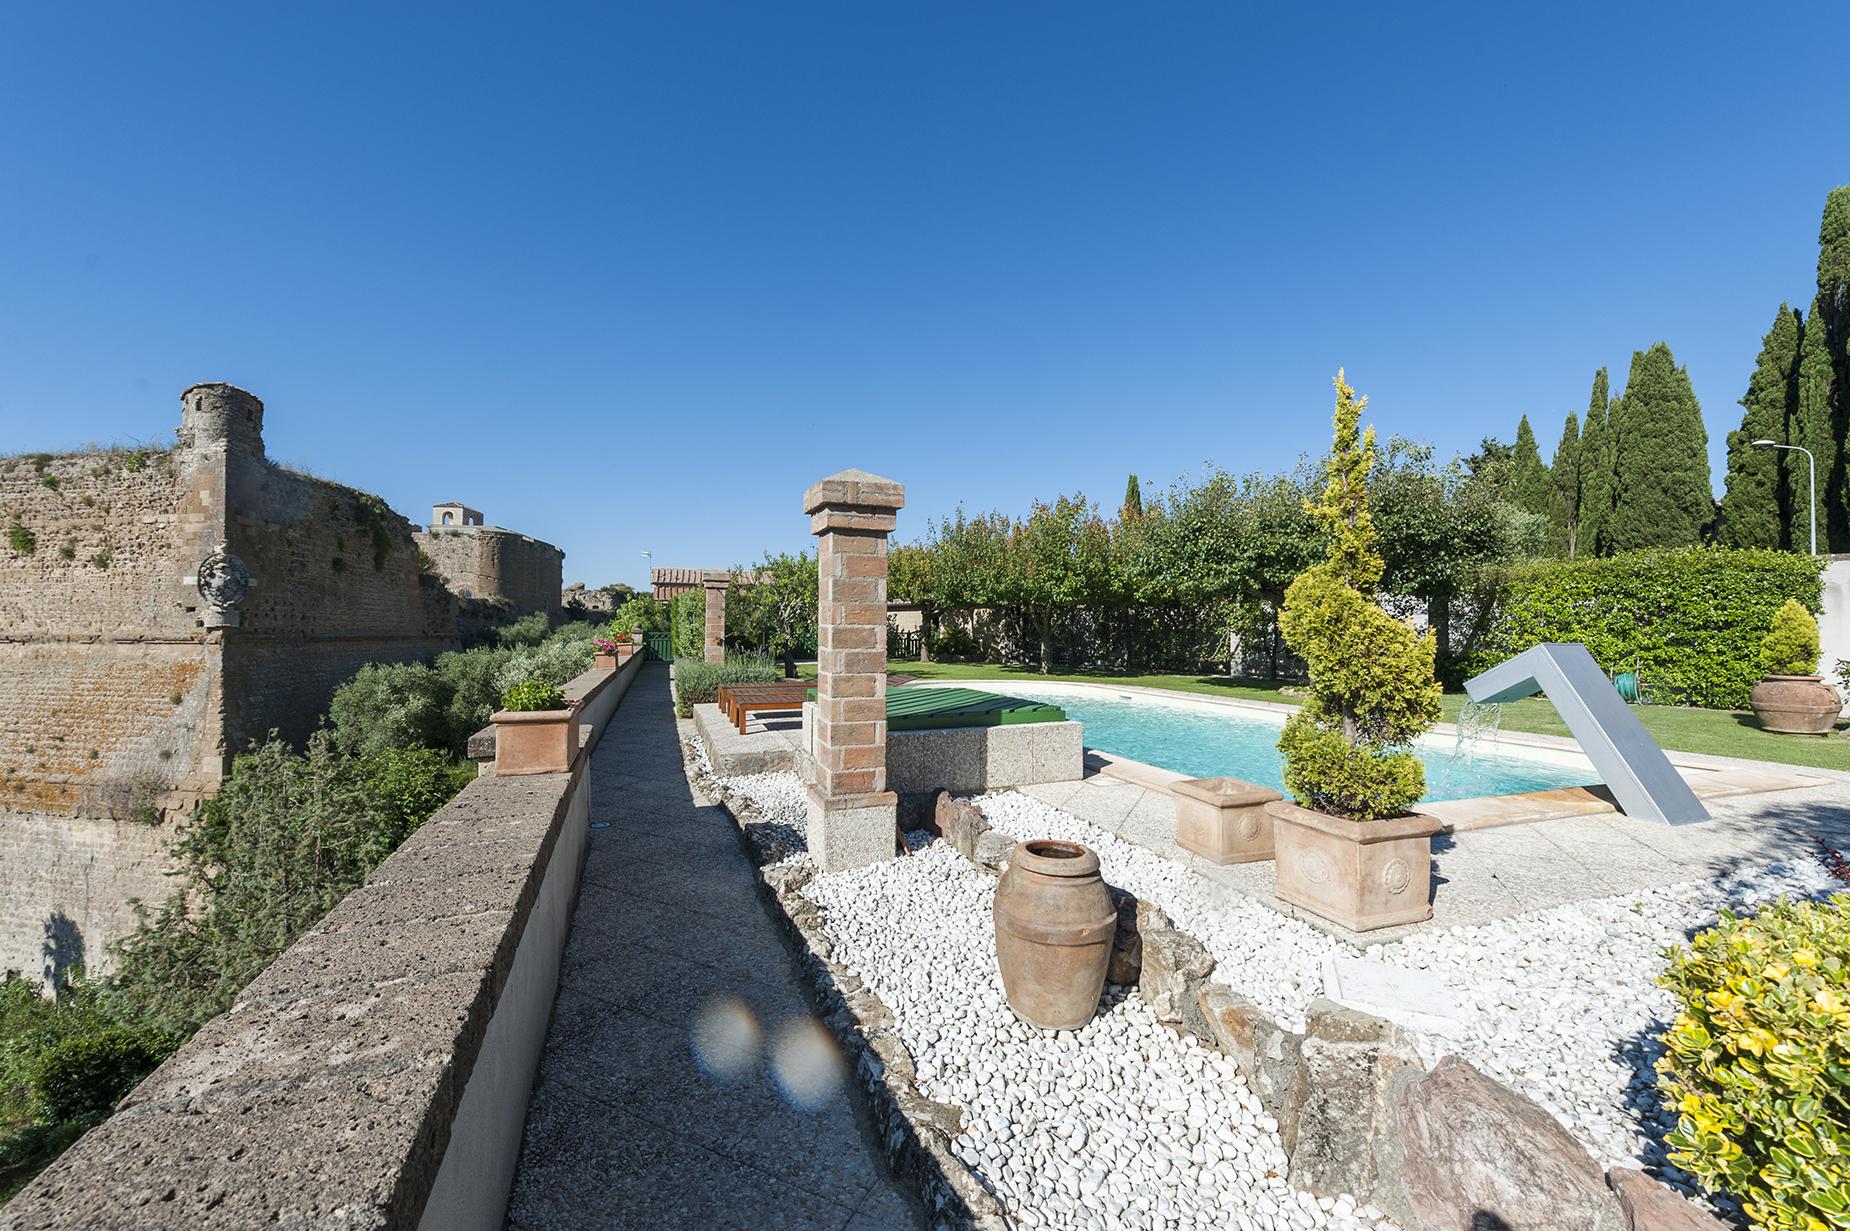 Casa indipendente in Vendita a Sorano: 5 locali, 230 mq - Foto 4